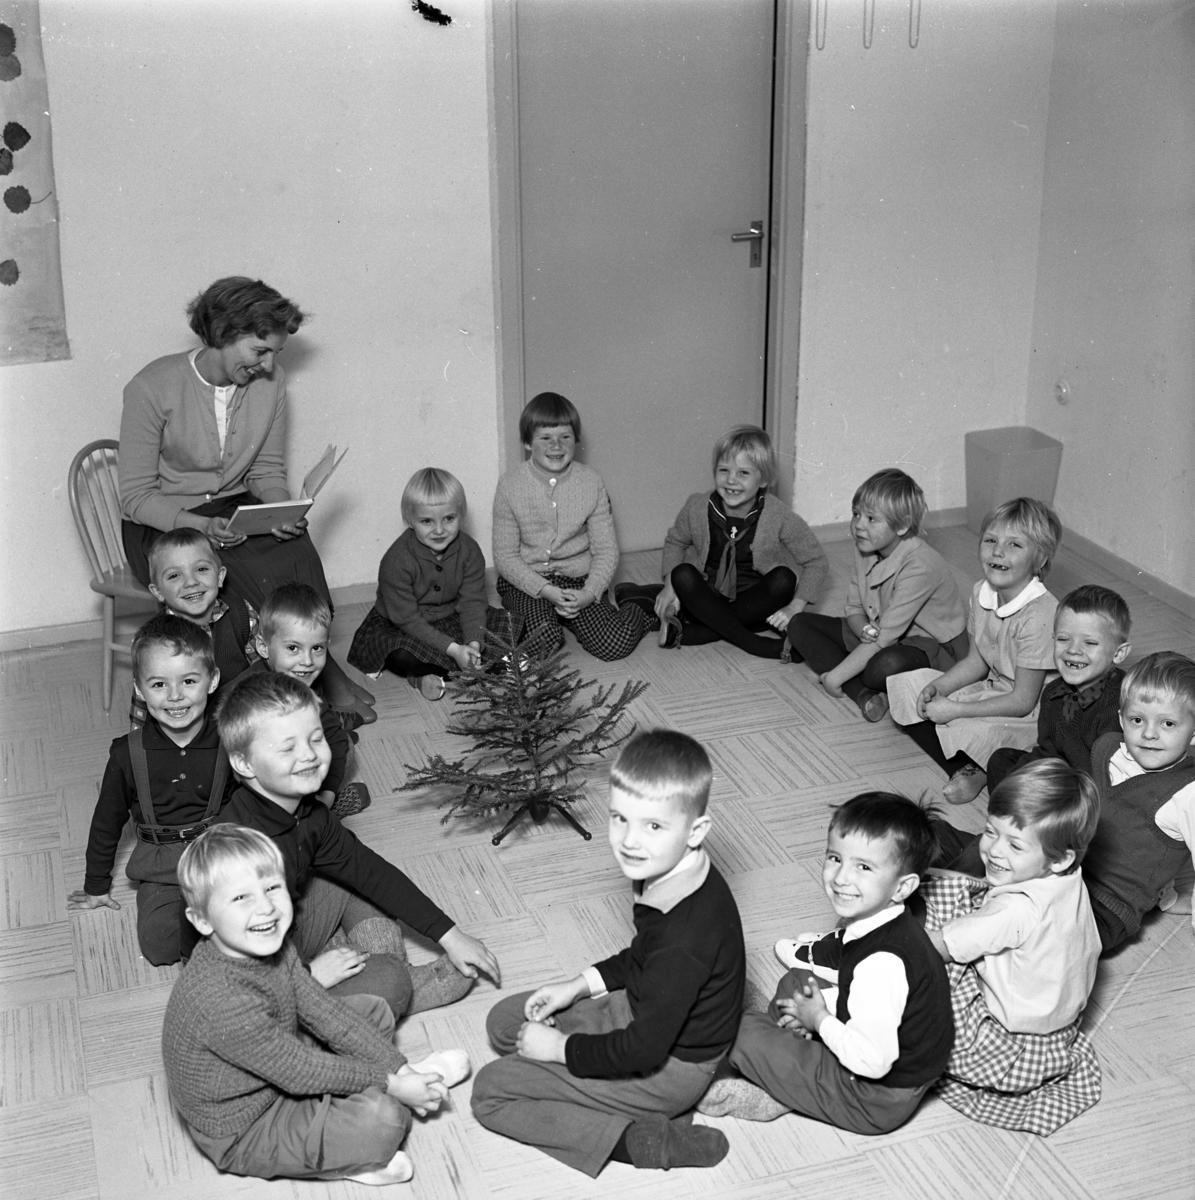 HSB´s barnträdgård. Sagostund. Fröken läser ur en bok och barnen sitter i ring på golvet. Mitt i ringen står en liten julgran. (HSB betyder Hyresgästernas sparkasse- och byggnadsförening)